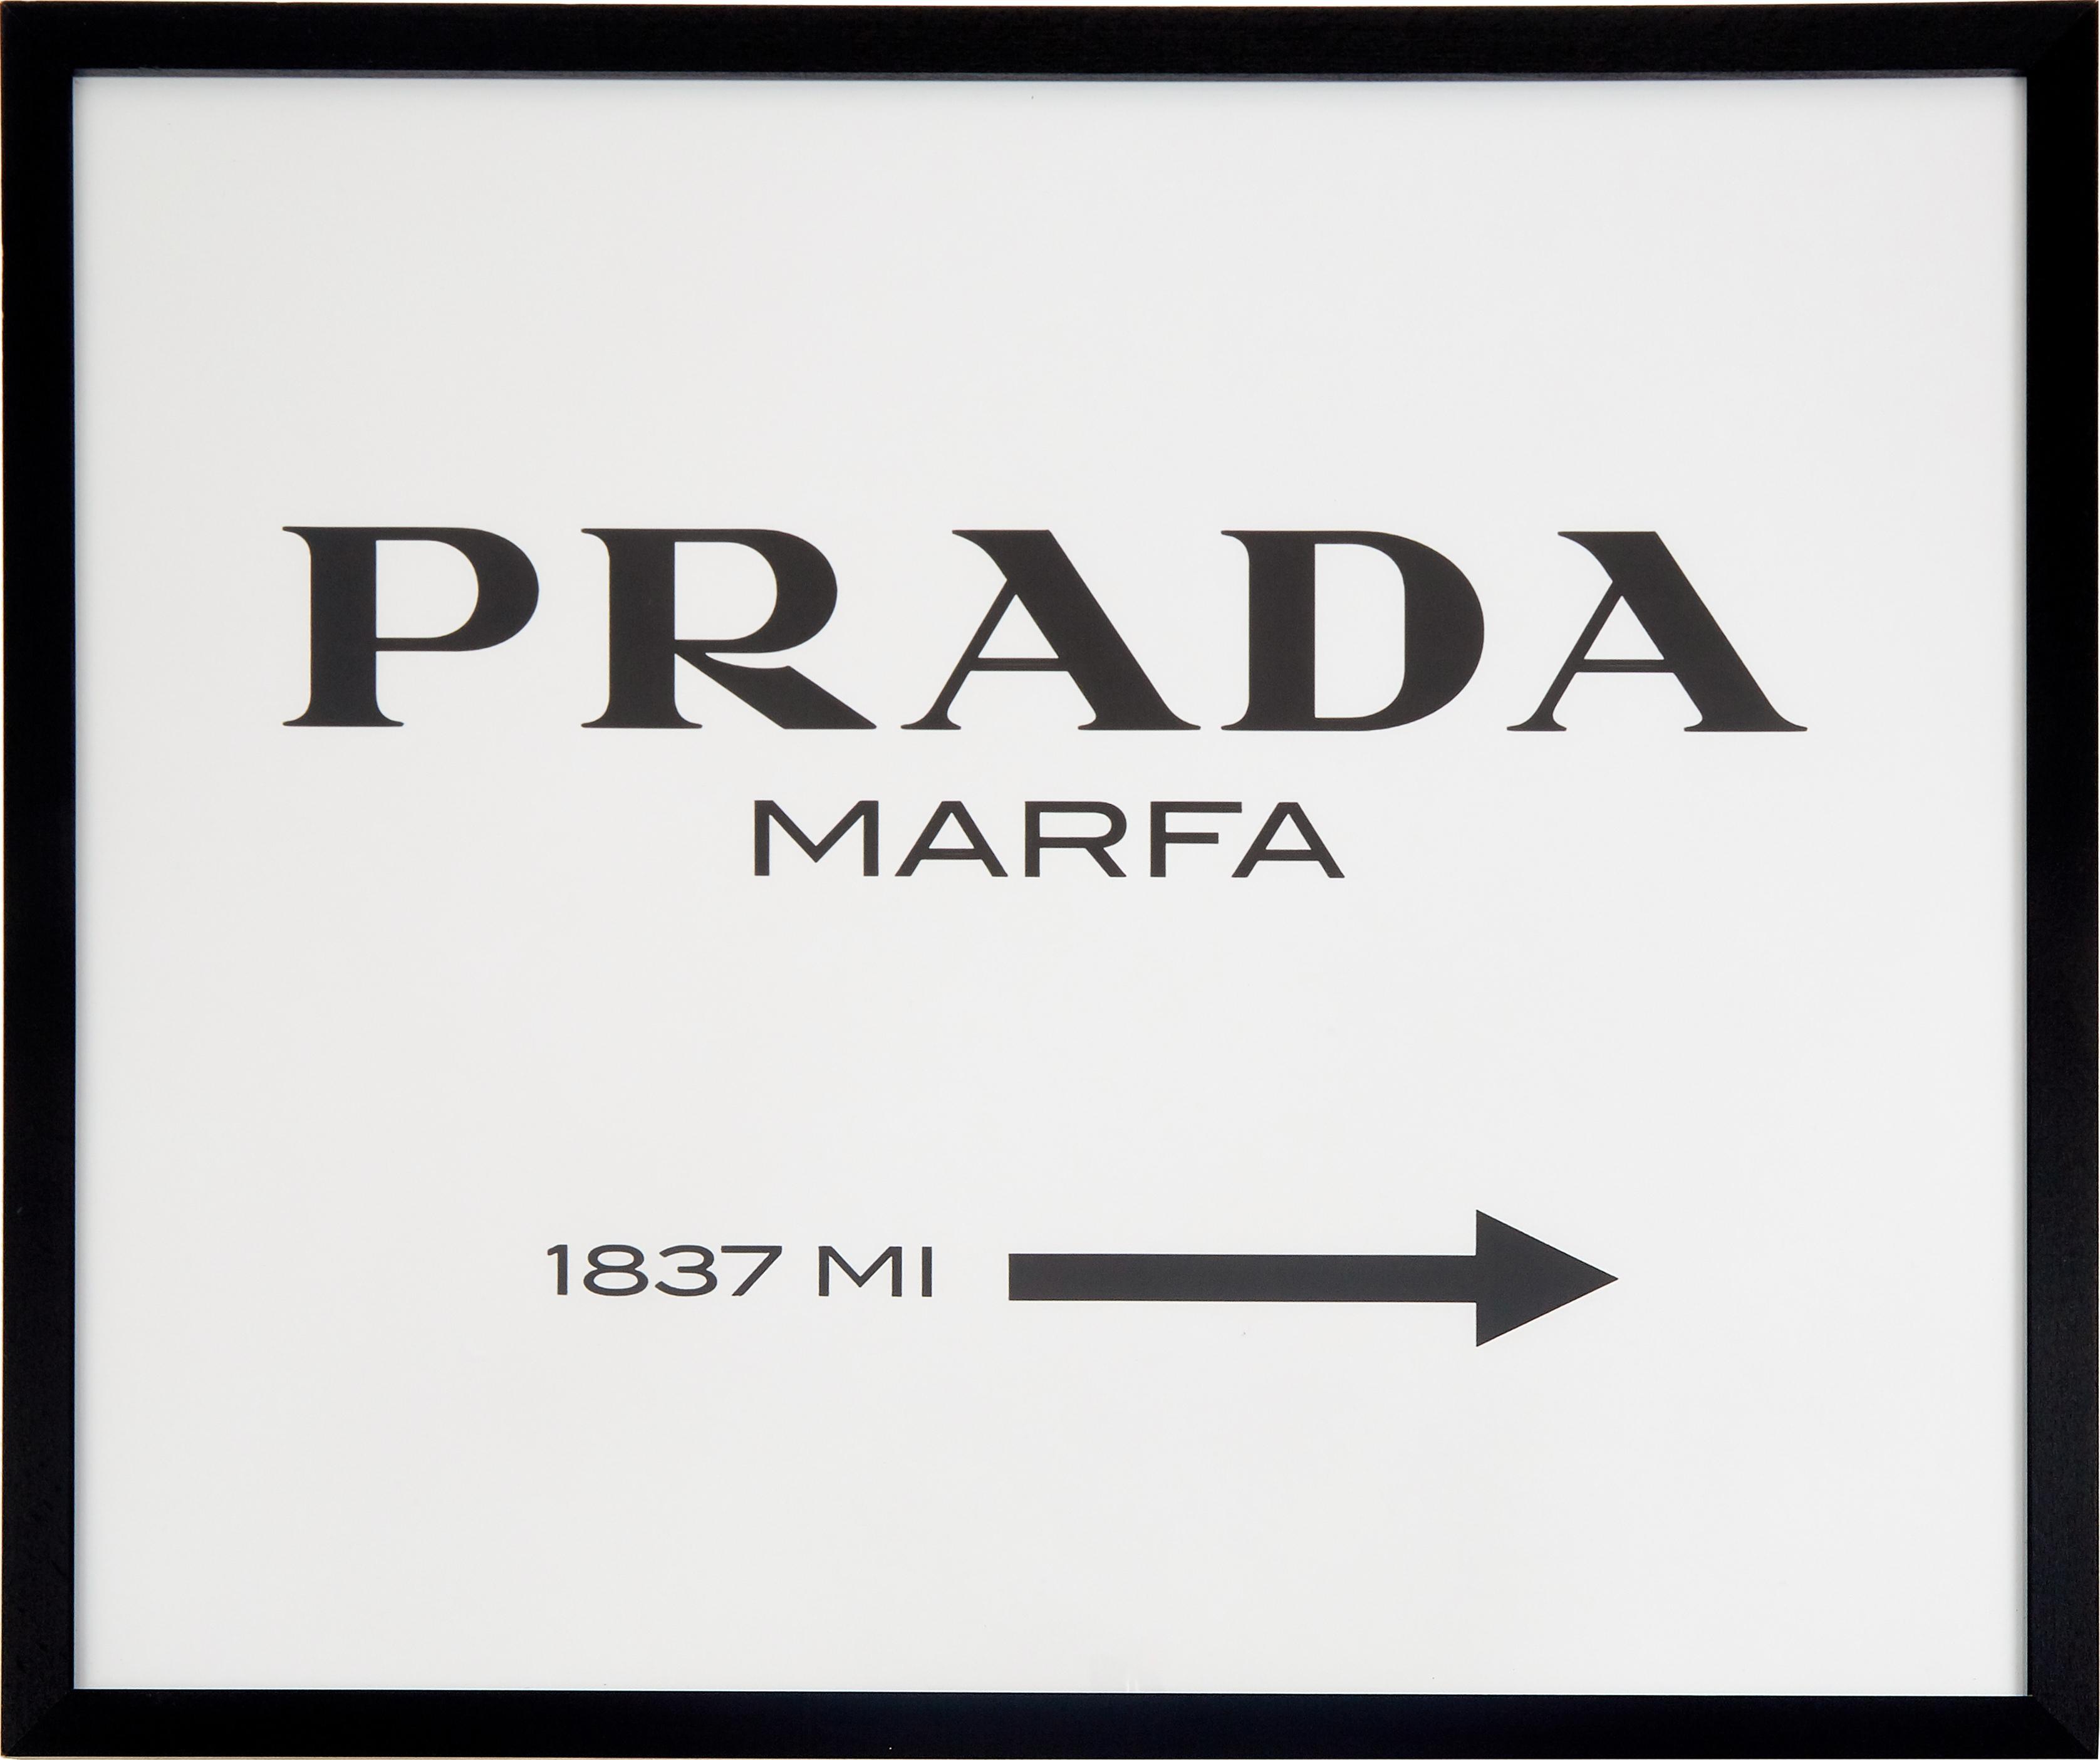 Gerahmter Digitaldruck Prada Marfa, Bild: Digitaldruck auf Papier, , Rahmen: Holz, lackiert, Front: Plexiglas, Schwarz, Weiß, 63 x 53 cm